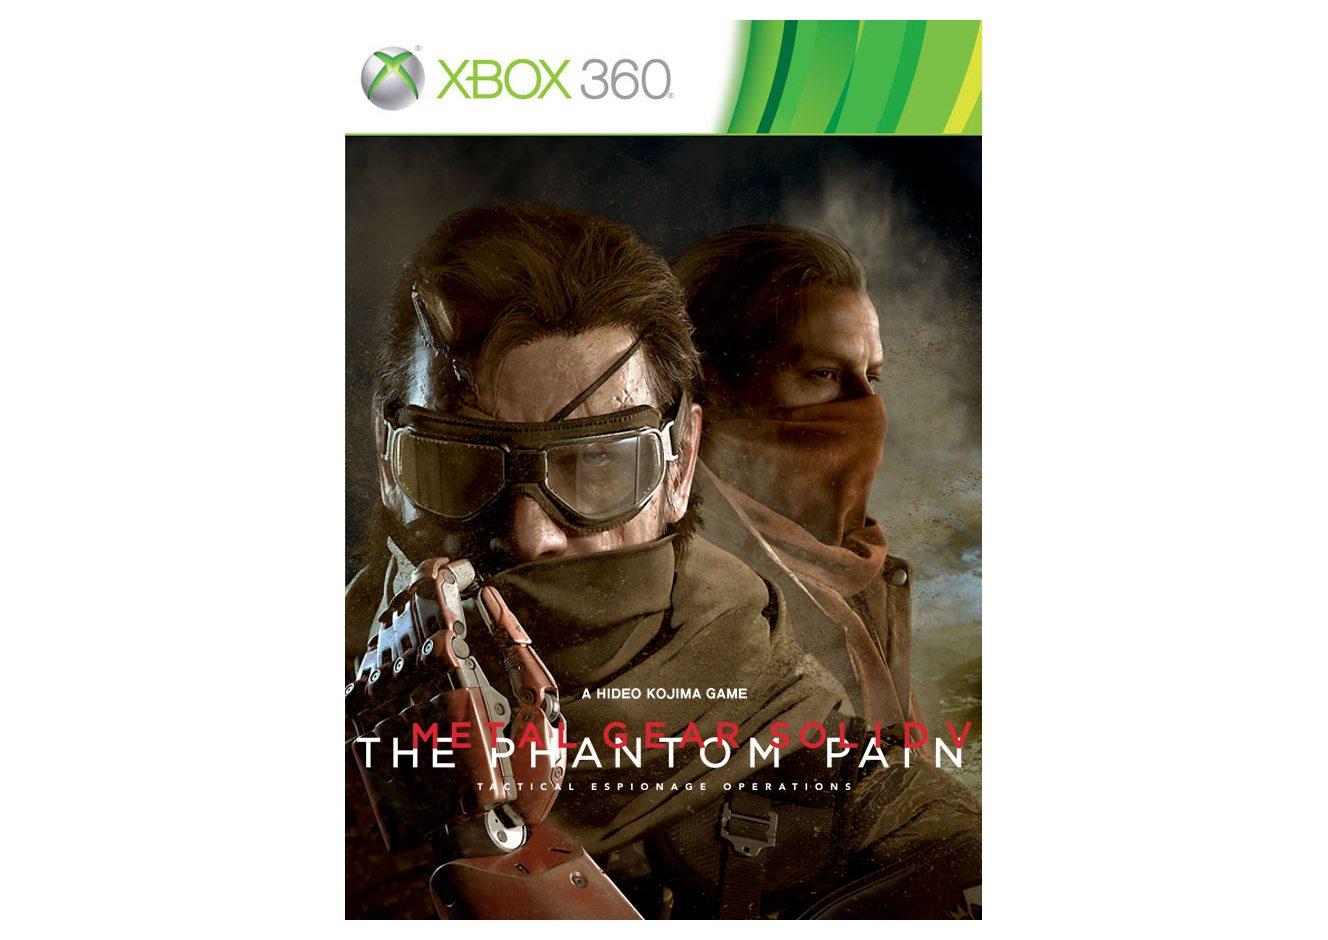 Xbox 360 METAL GEAR SOLID V: The Phantom Pain Xbox 360